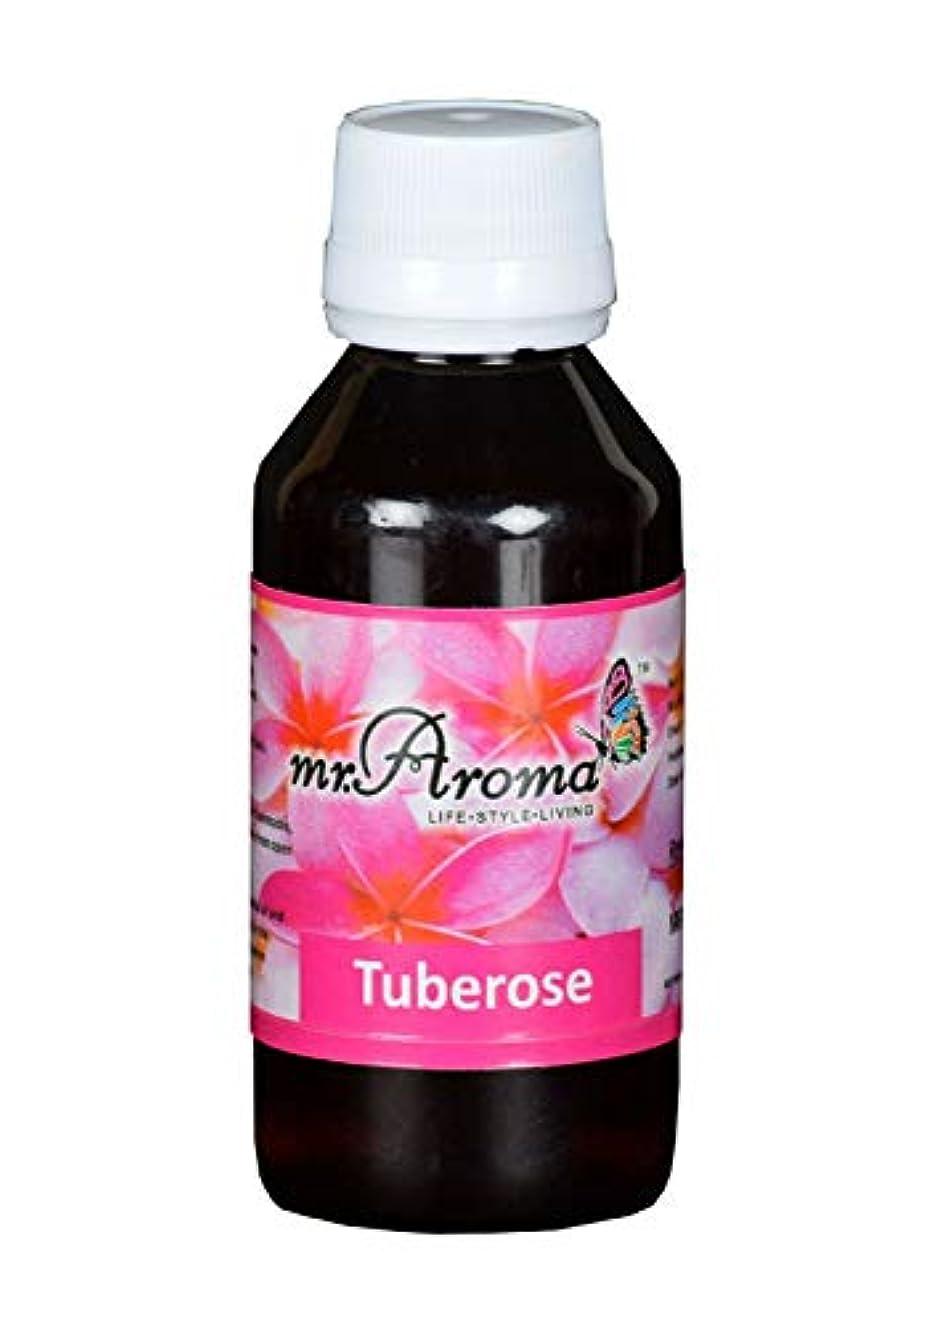 発動機盆地に同意するMr. Aroma Tuberose Vaporizer/Essential Oil 15ml